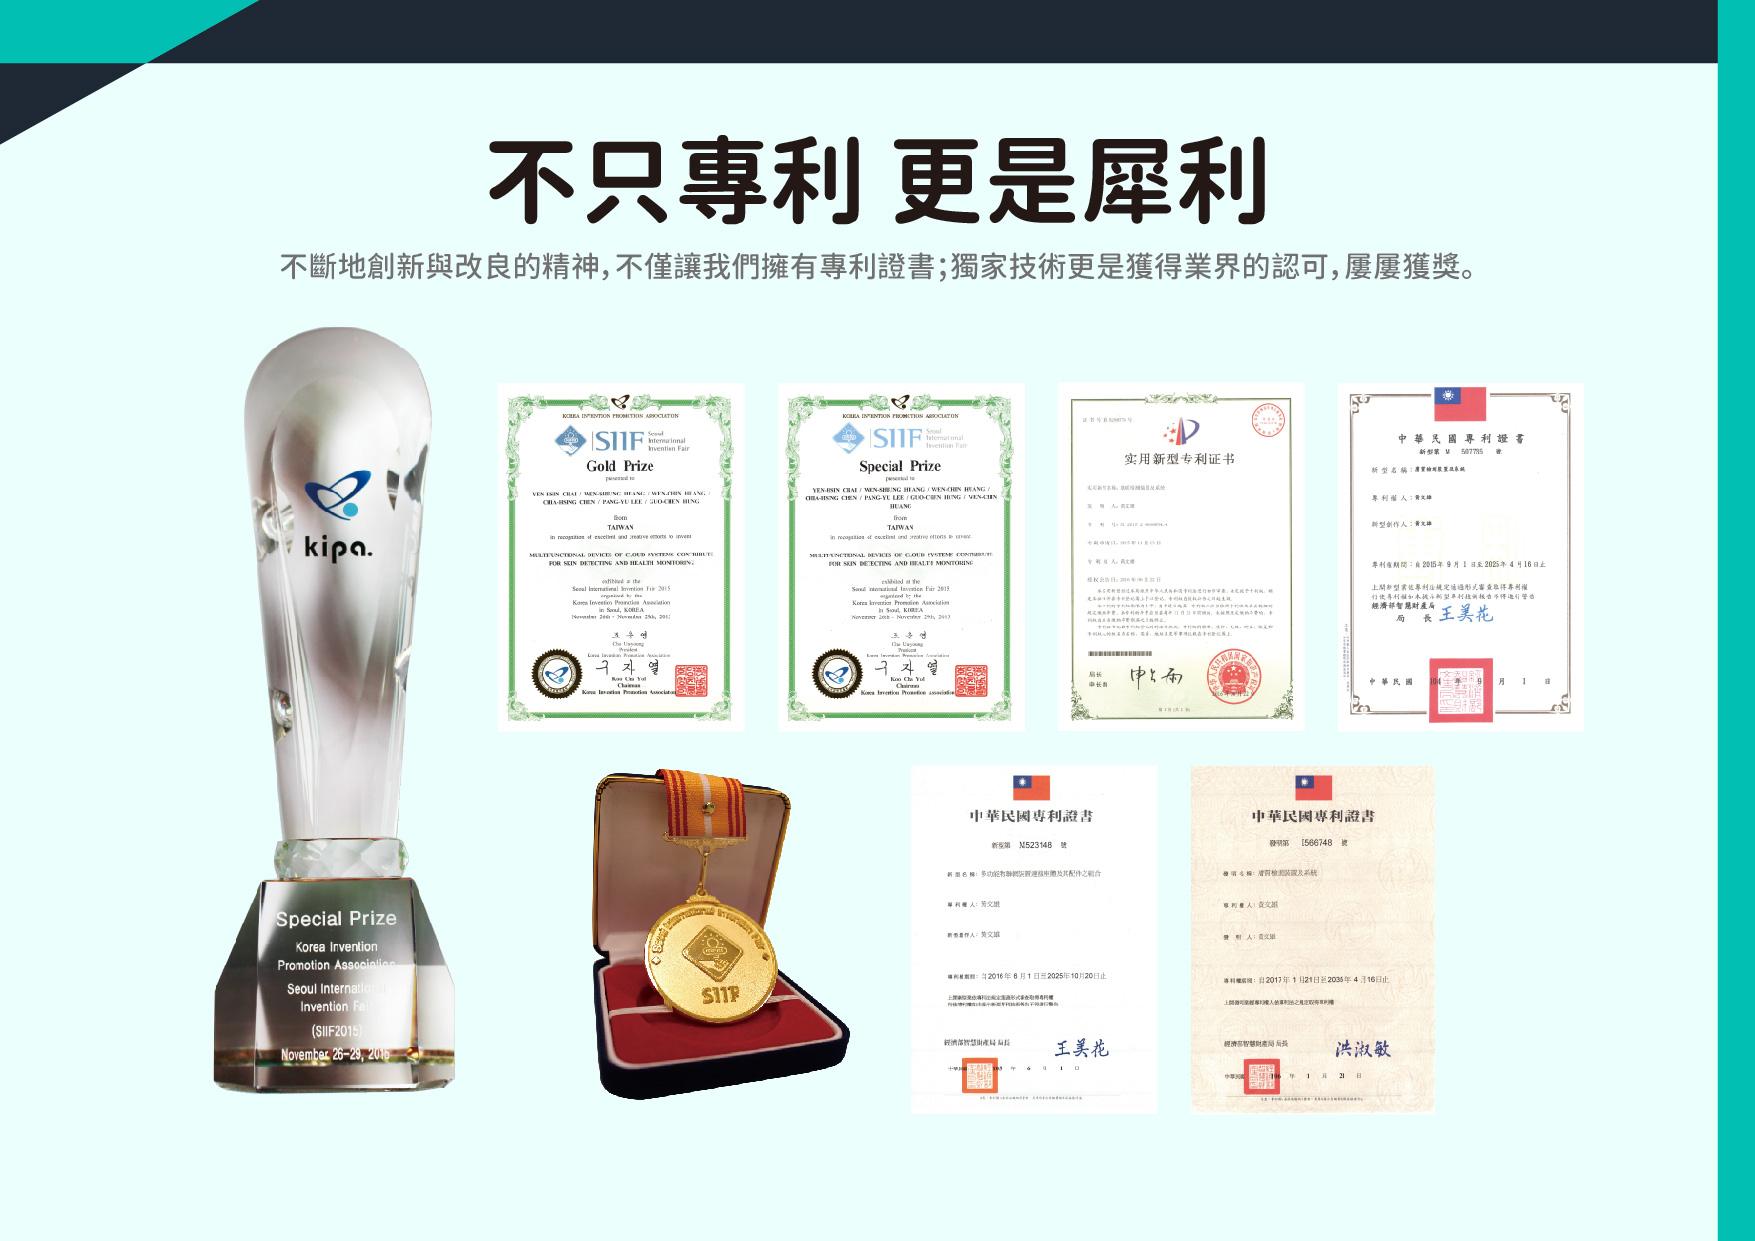 不只專利 更是犀利:不斷地創新與改良的精神,不僅讓我們擁有專利證書;獨家技術更是獲得業界的認可,屢屢獲獎。